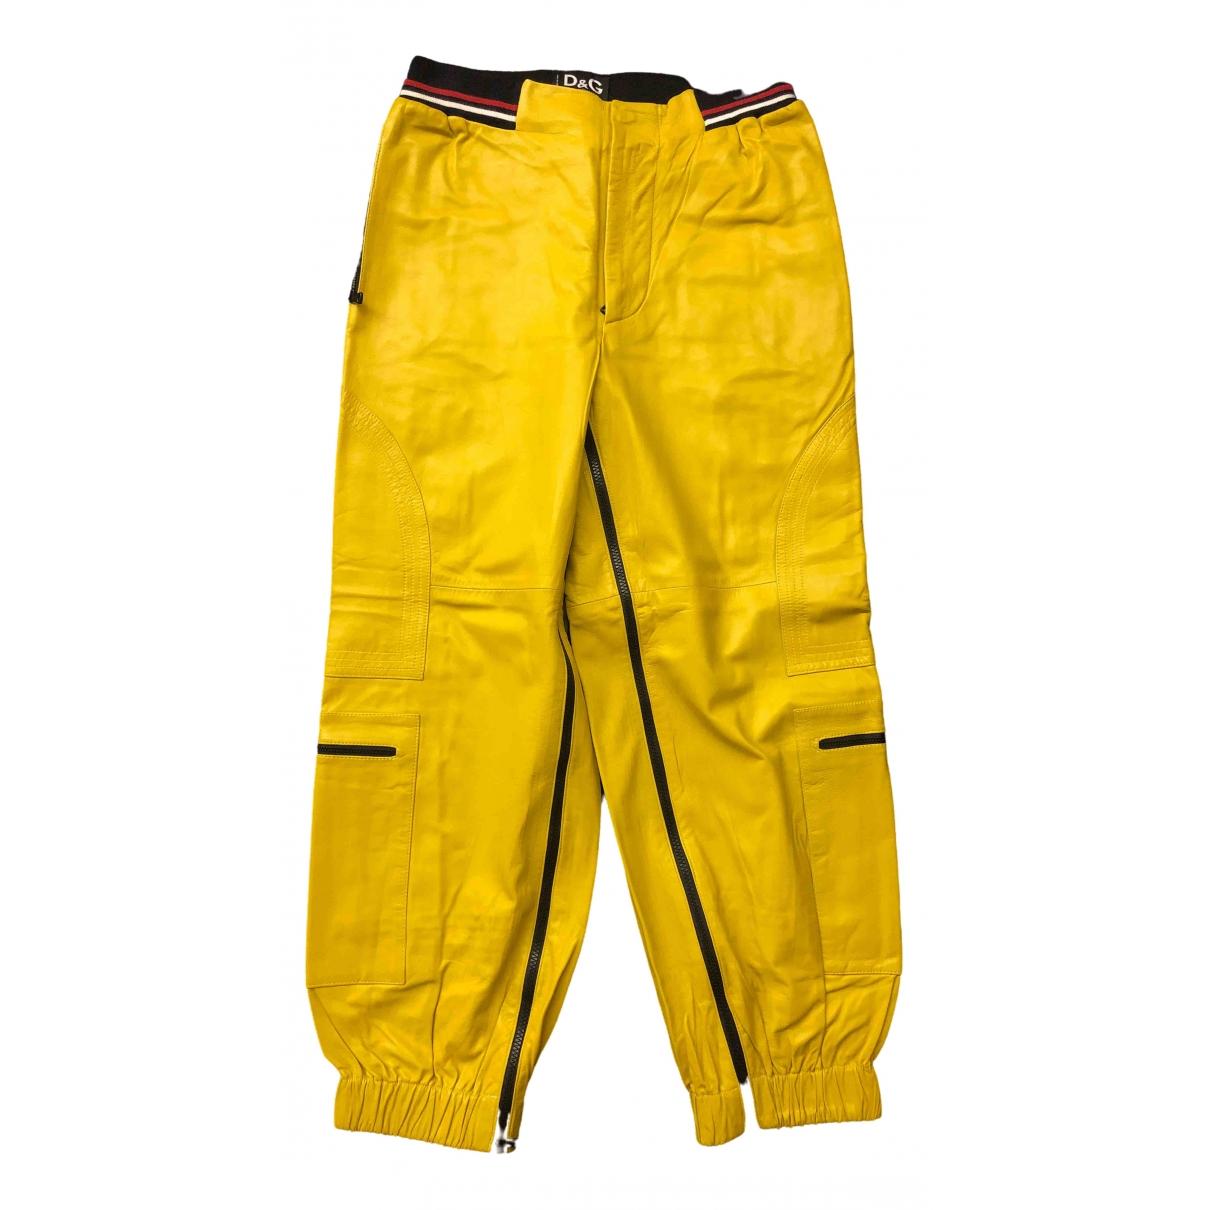 Pantalon de Cuero D&g